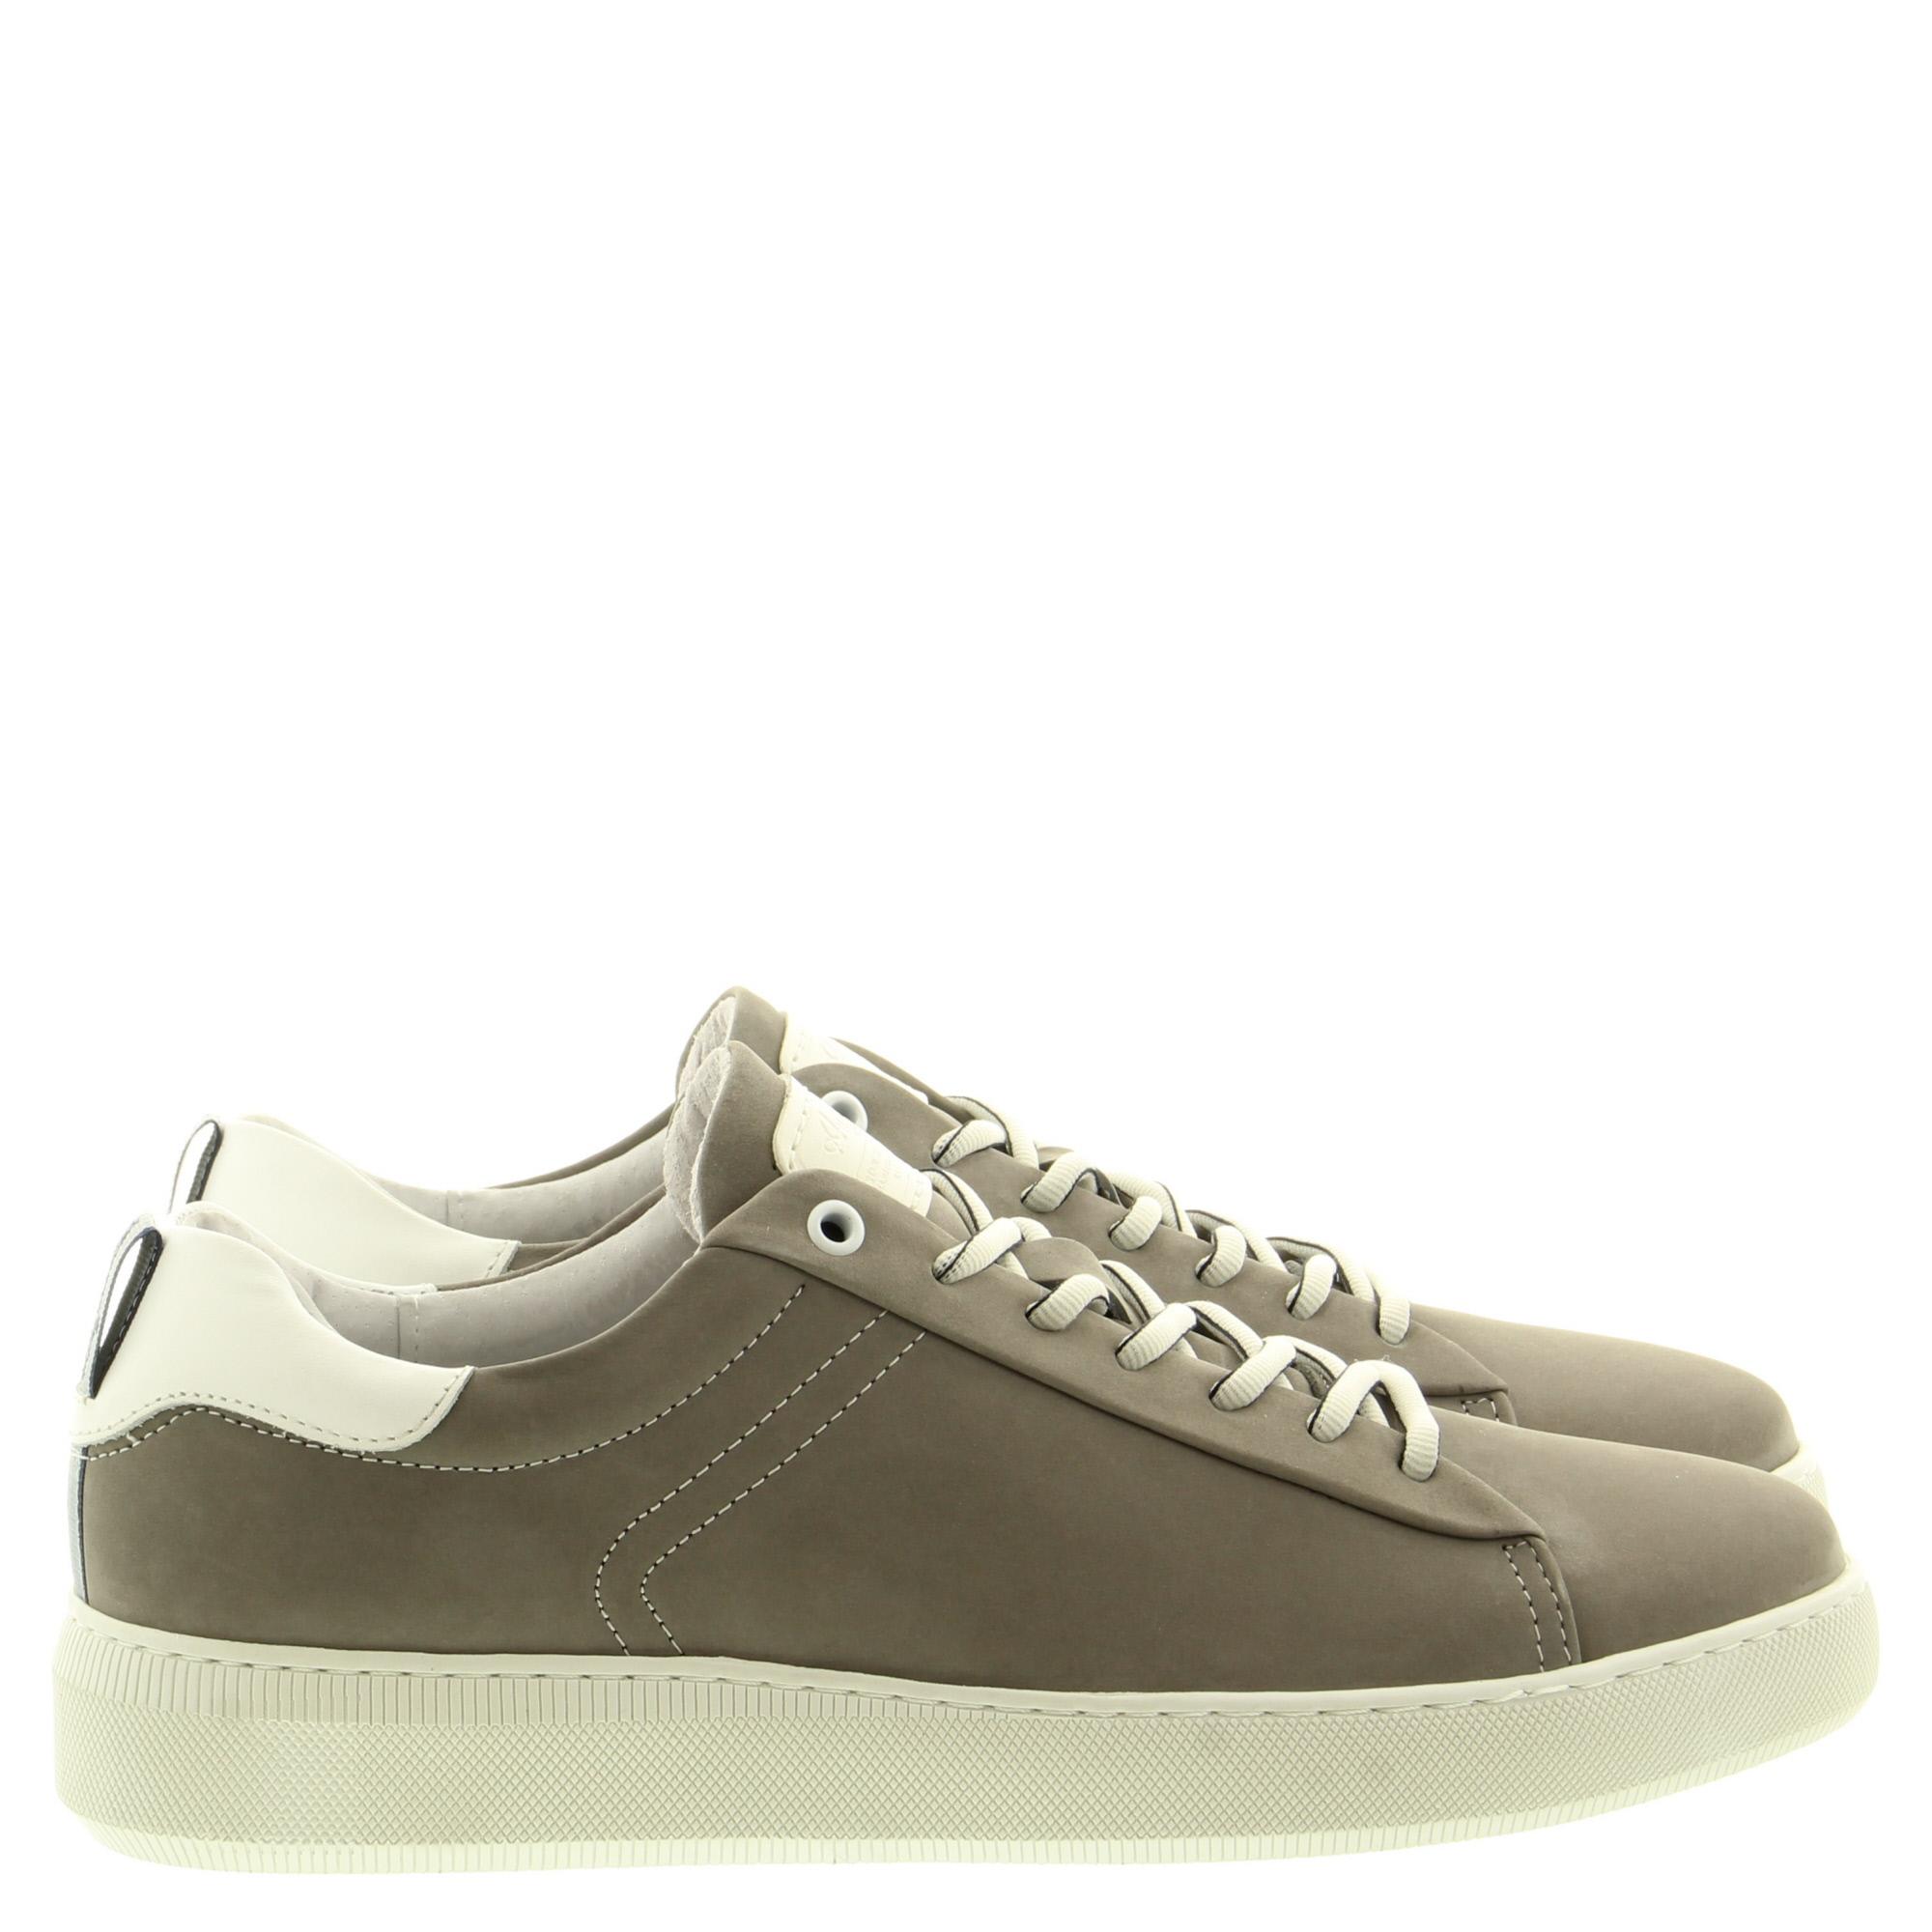 Australian Footwear Gianlucca 15.1522.01 Grey K00